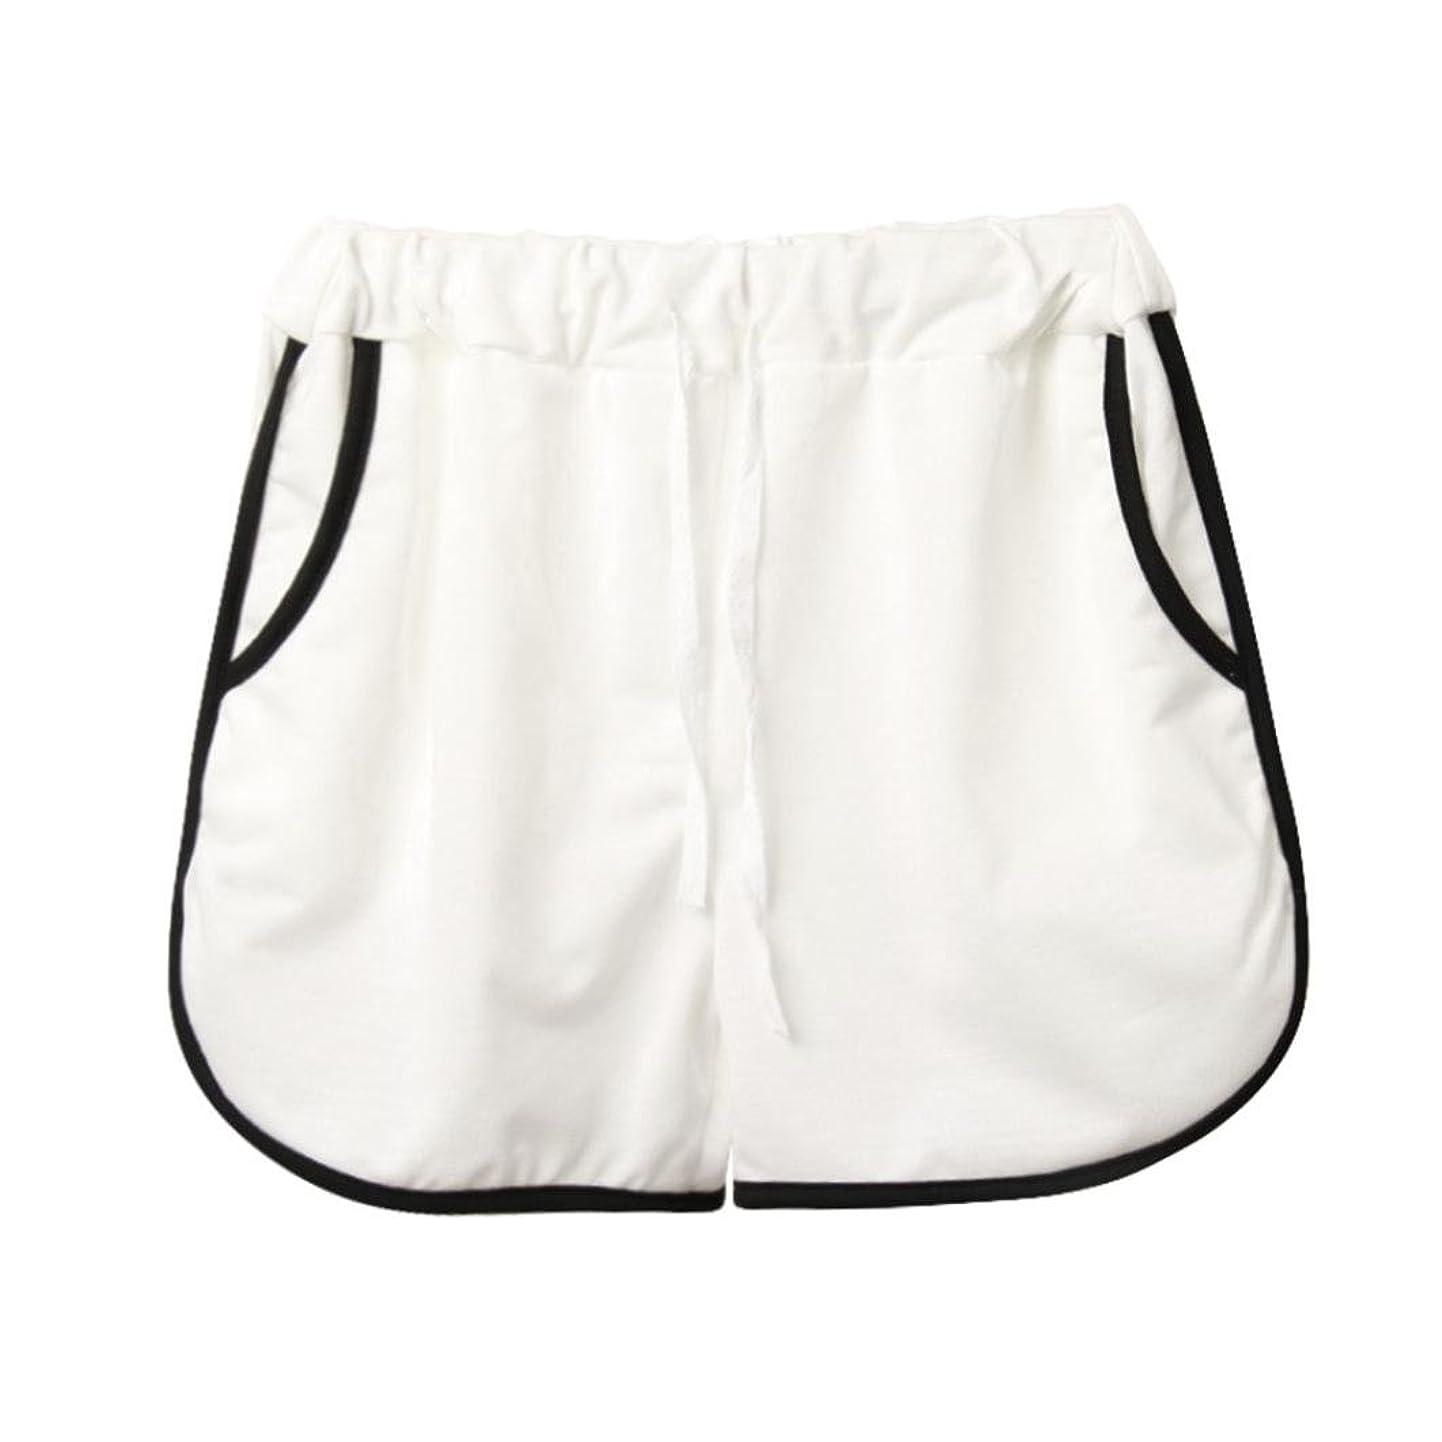 クルーズ荷物洋服ショートパンツ レディース Mhomzawa スポーツショーツ カジュアル 速乾性 ホットパンツ 夏 ビーチに活躍する 薄い ルーズ ランニング